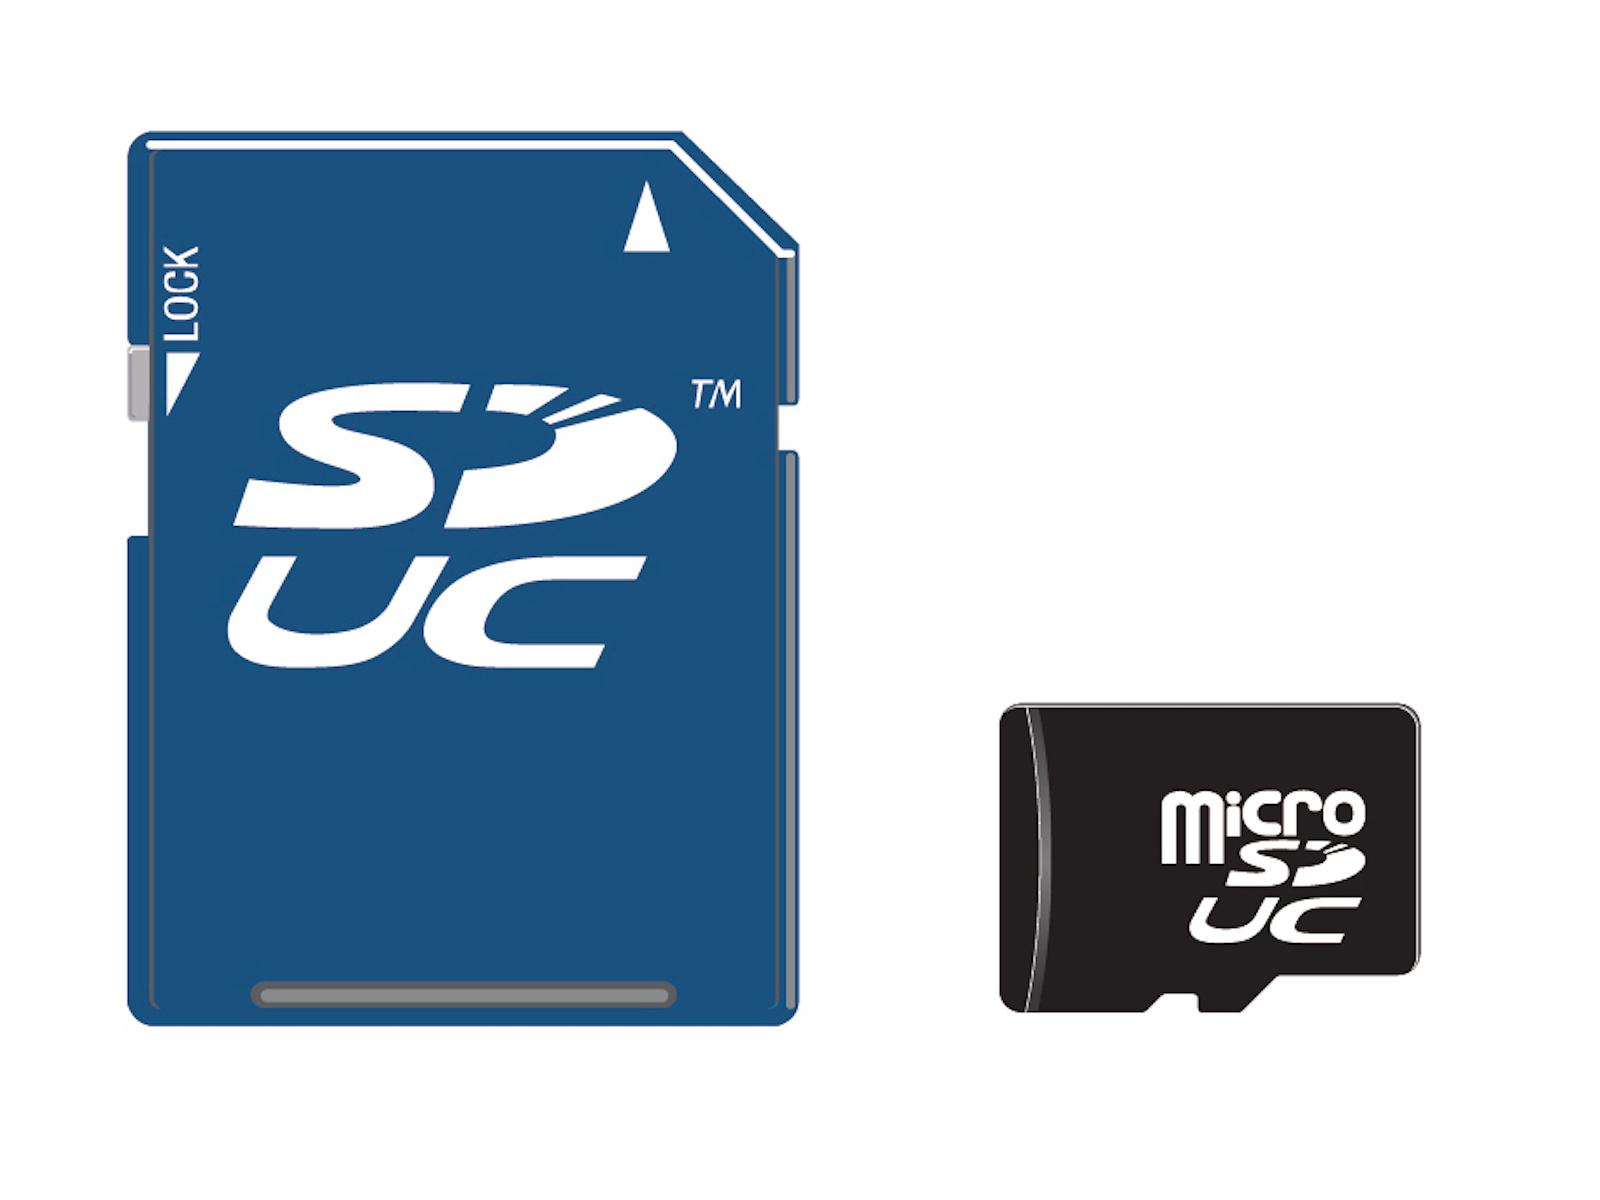 SDUC_-_microSDUC_highres.jpg